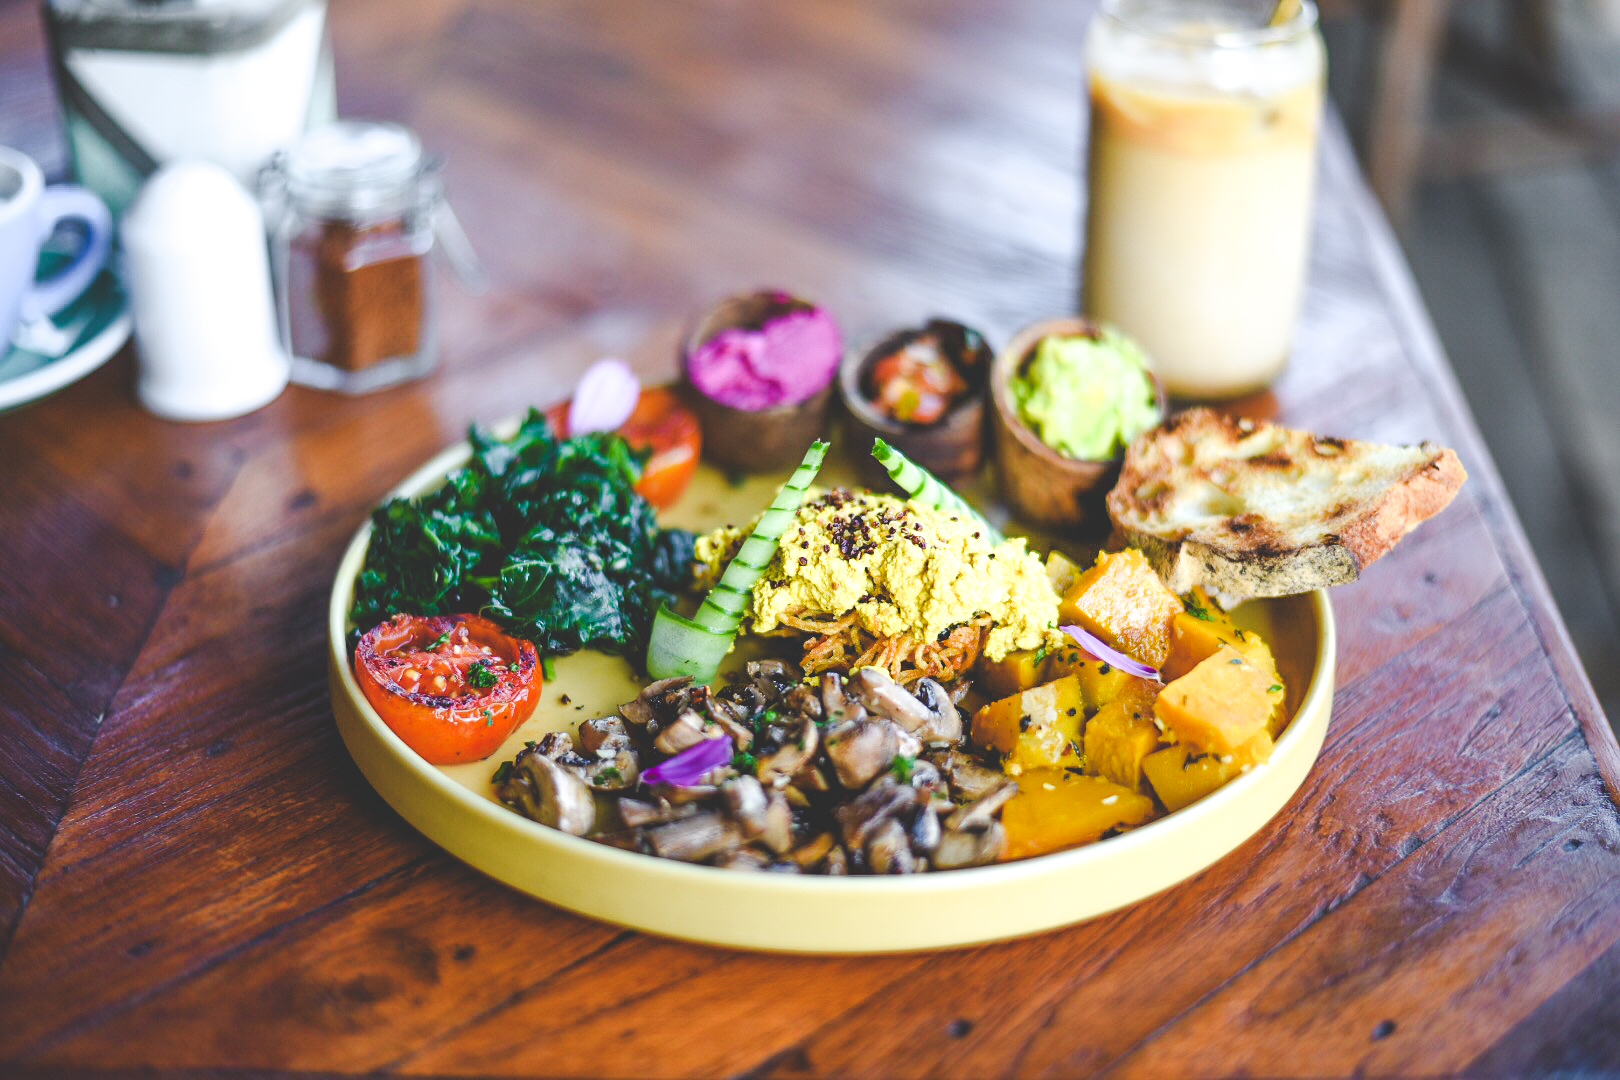 Los 11 Mejores Cafes y Restaurantes Veganos en Bali